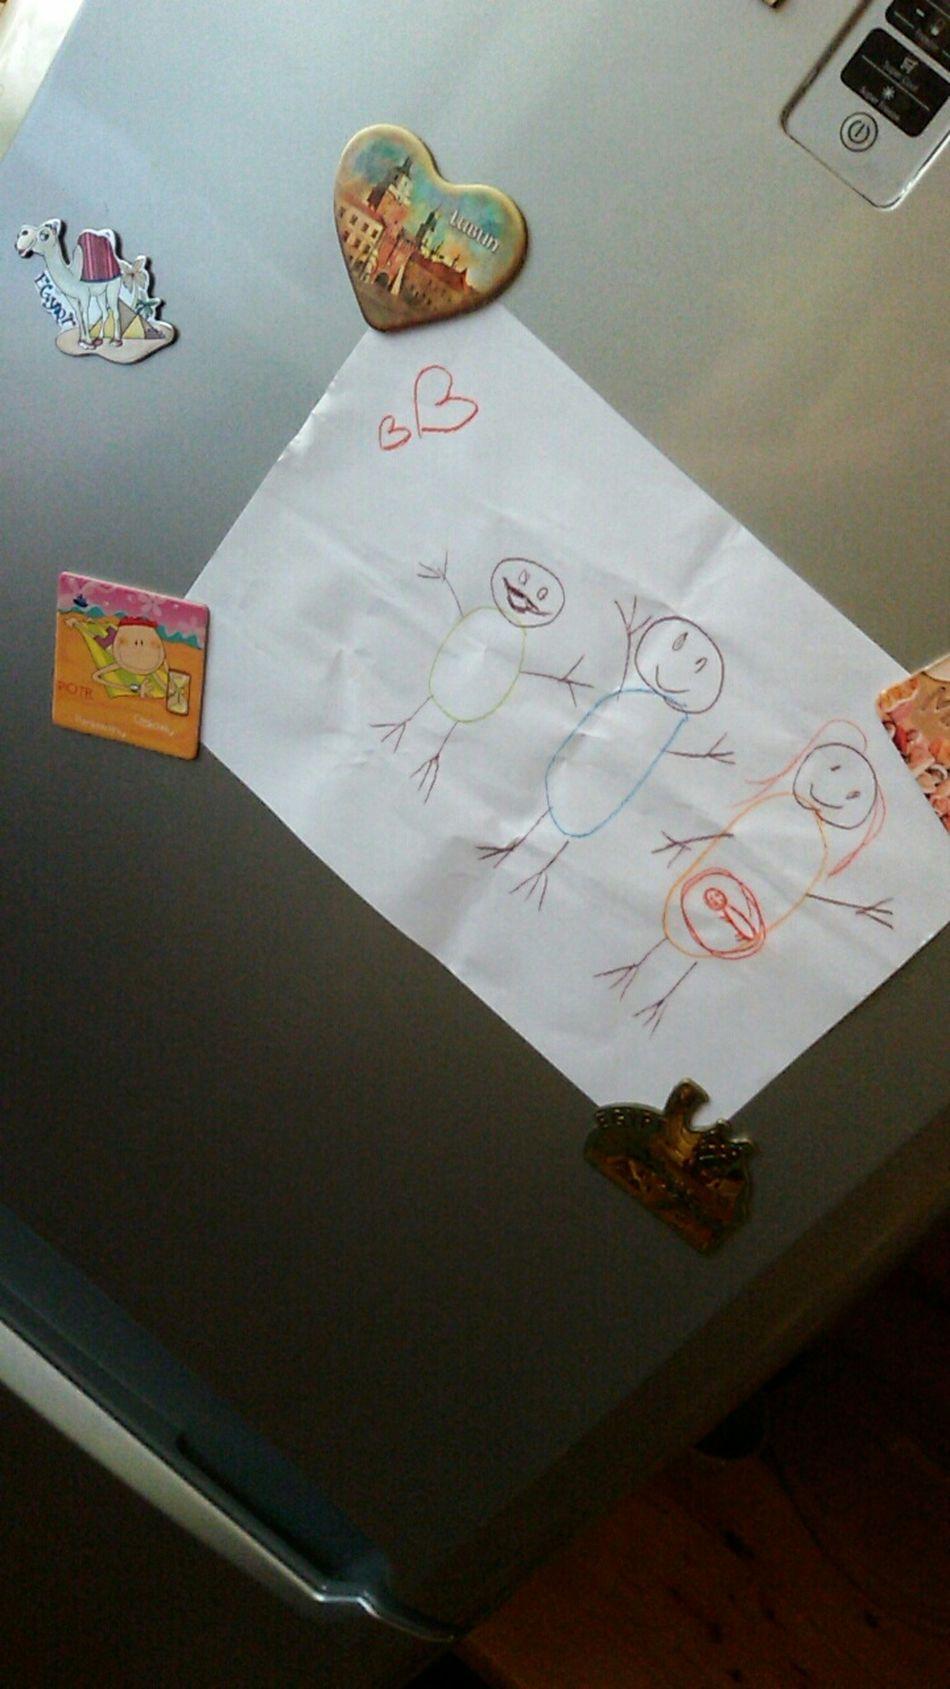 Cute Drawing Littlesister Fridge FridgeMagnets LoveMySister❤